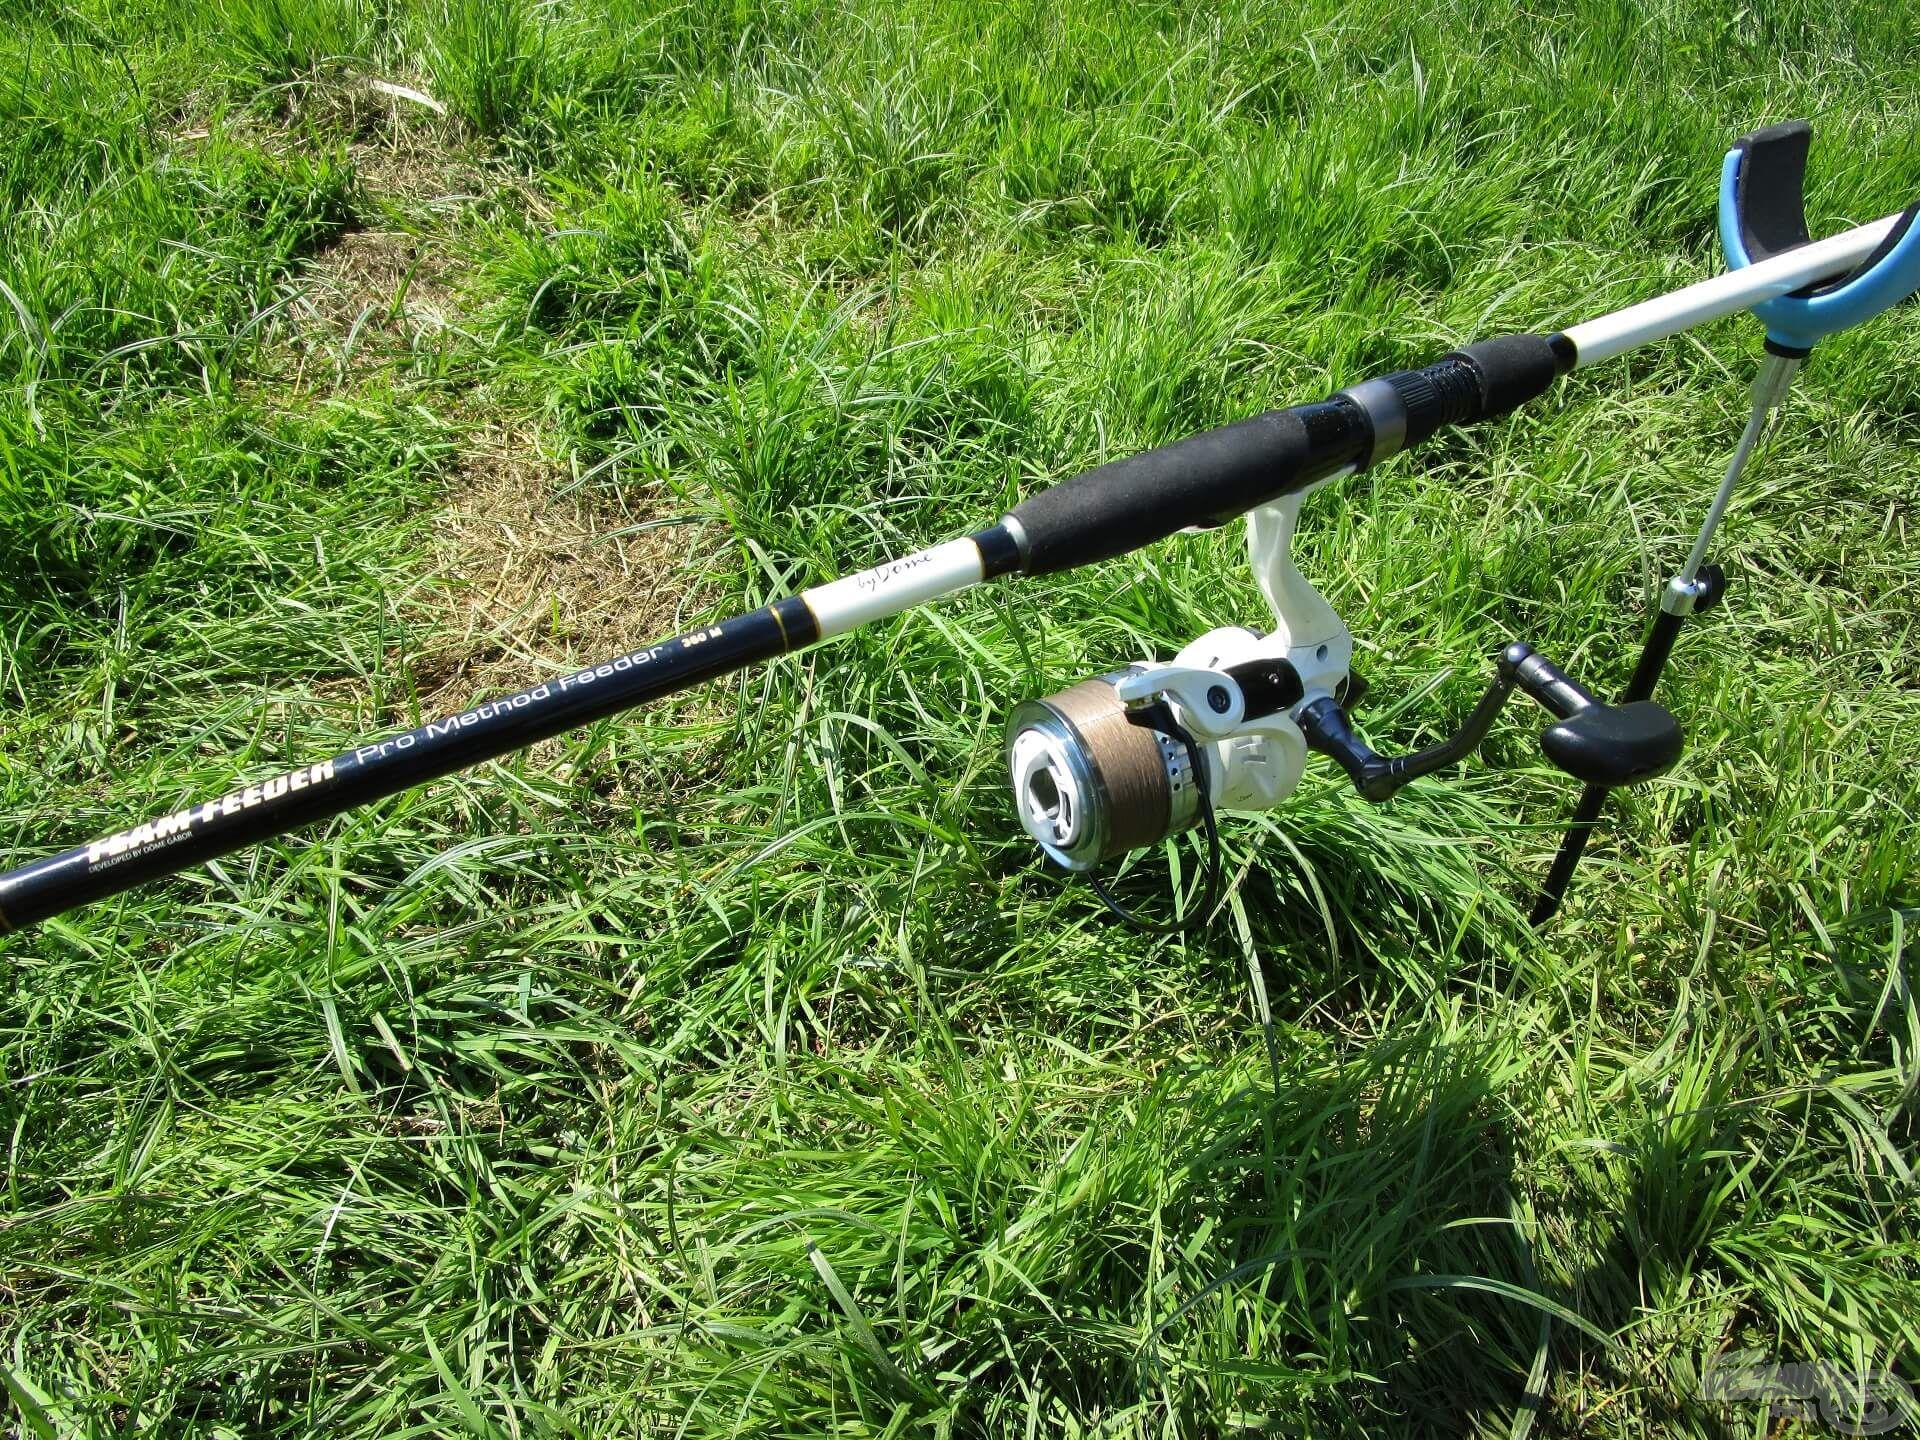 Felszerelésem ezúttal is remekül teljesített, szépen görbült a bot a termetes keszegek fárasztása közben. Igaz, hogy a Pro Method botot elsősorban a method kosaras horgászatokhoz tervezték, de tökéletesen használható a hosszú előkés szerelékekkel is